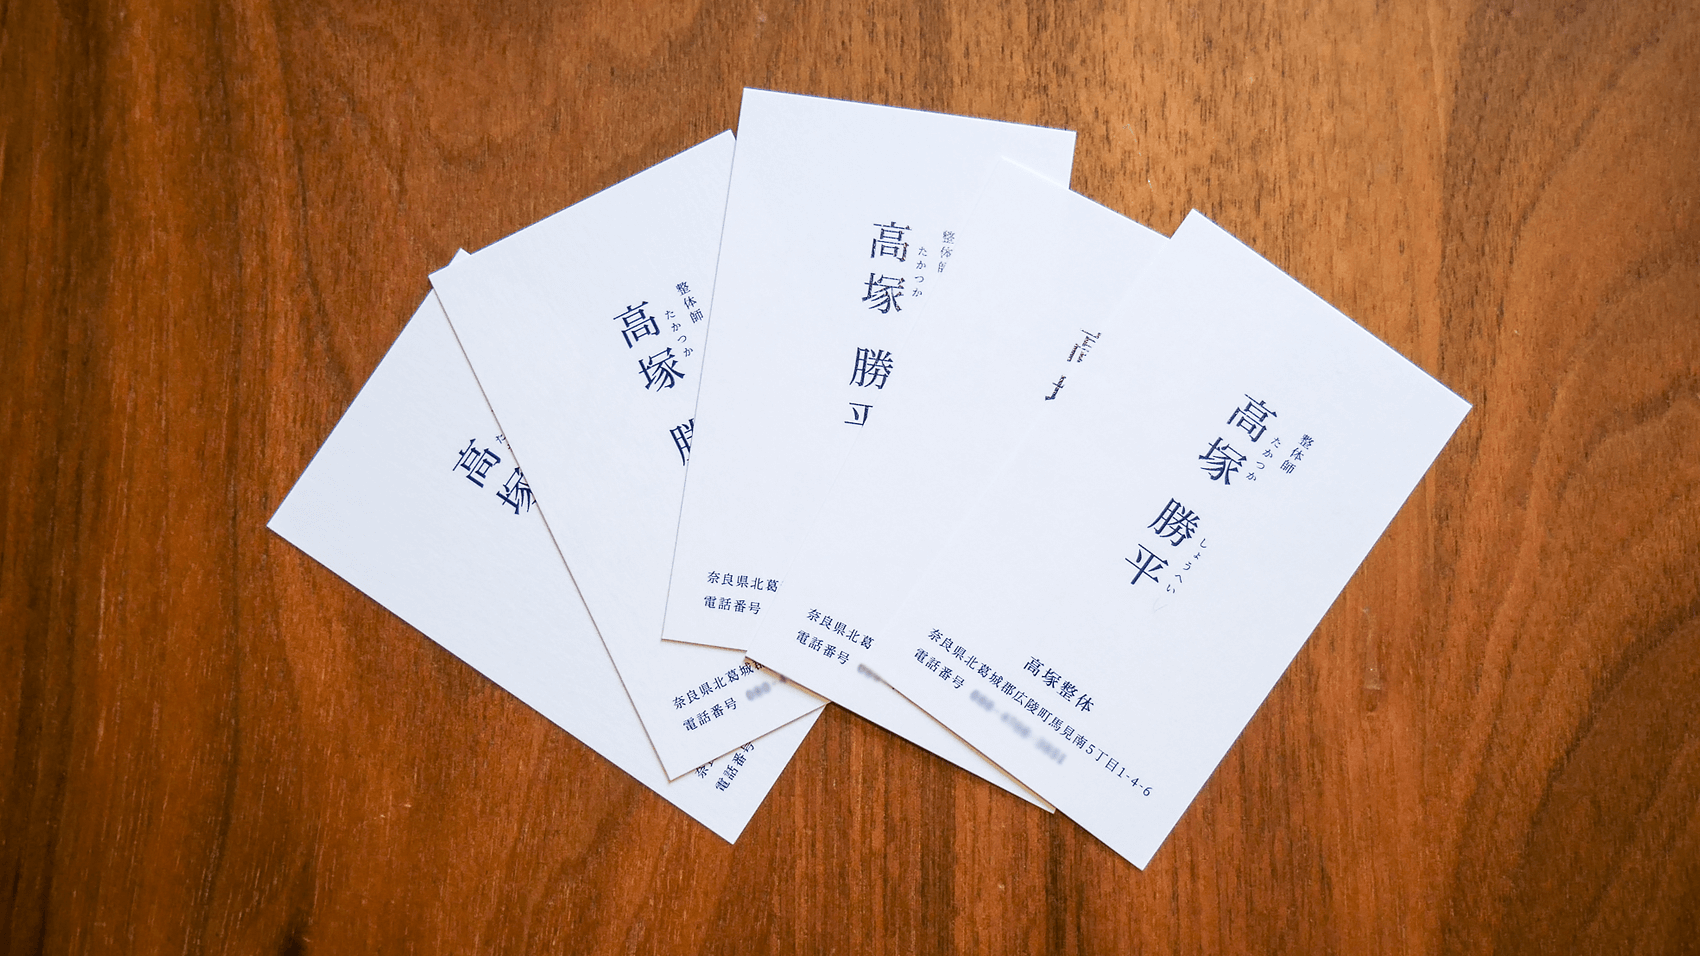 高塚整体さんの名刺デザインその3